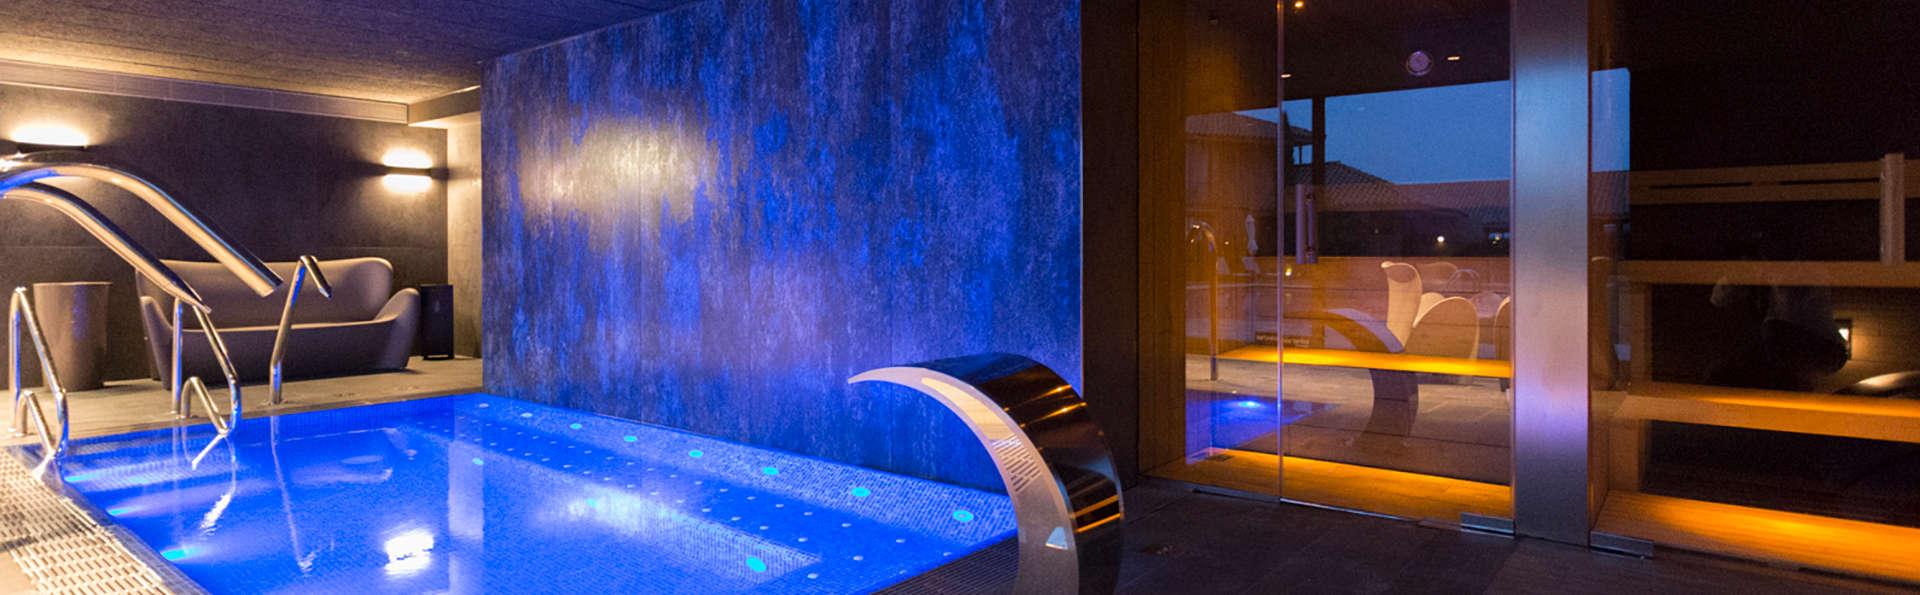 Escapada Spa Dubhé: especial spa lovers en el Alt Empordà